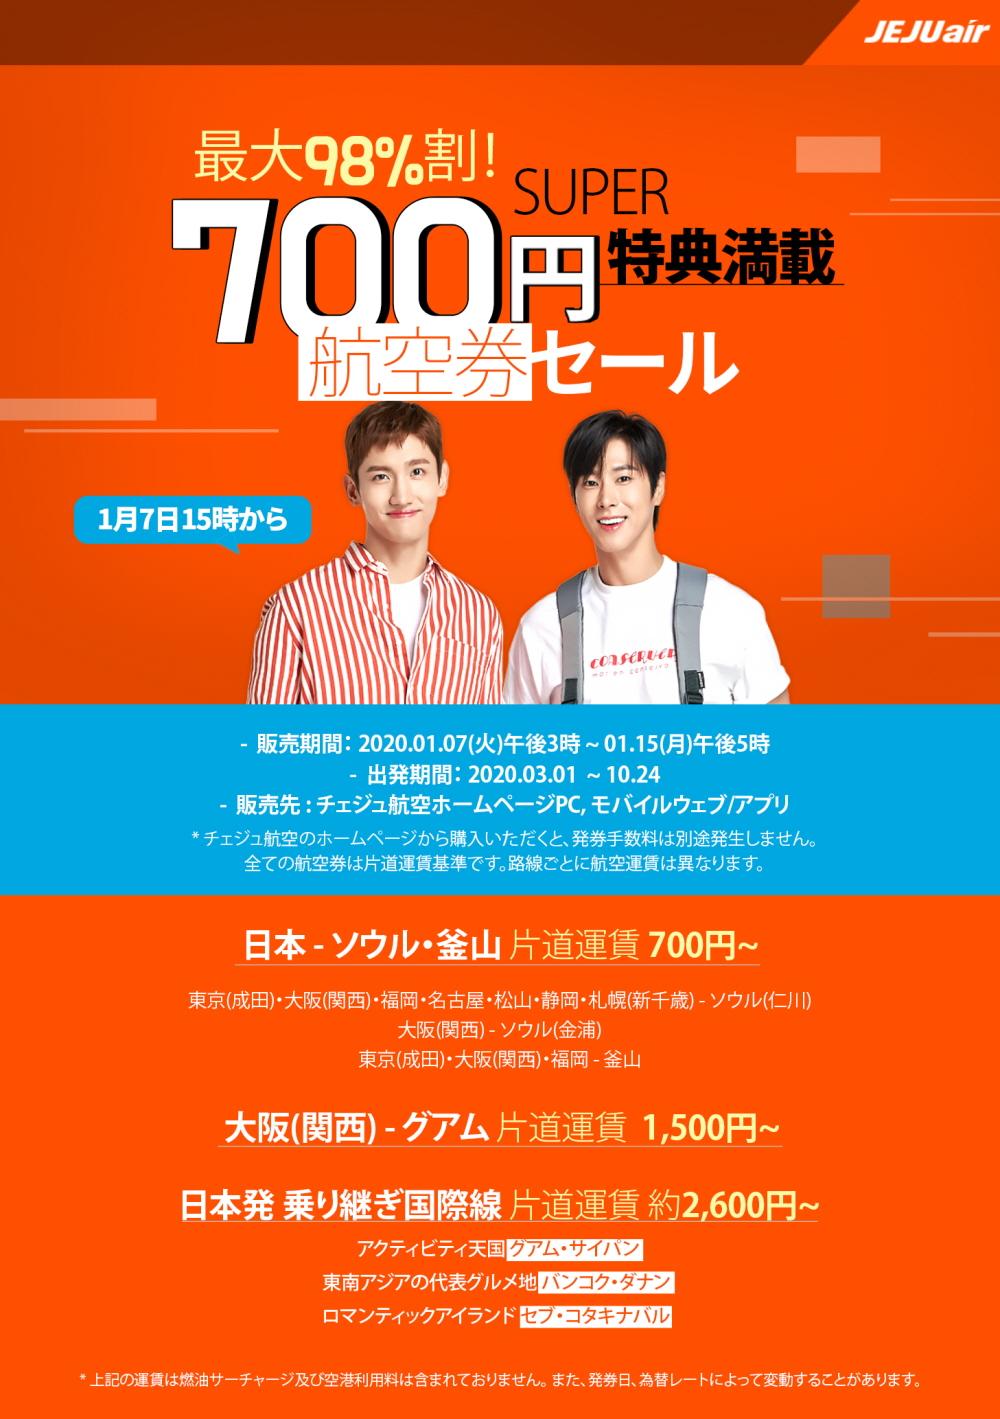 チェジュ航空、日本発着路線で片道700円セール、関空/グアム線も片道1500円で販売